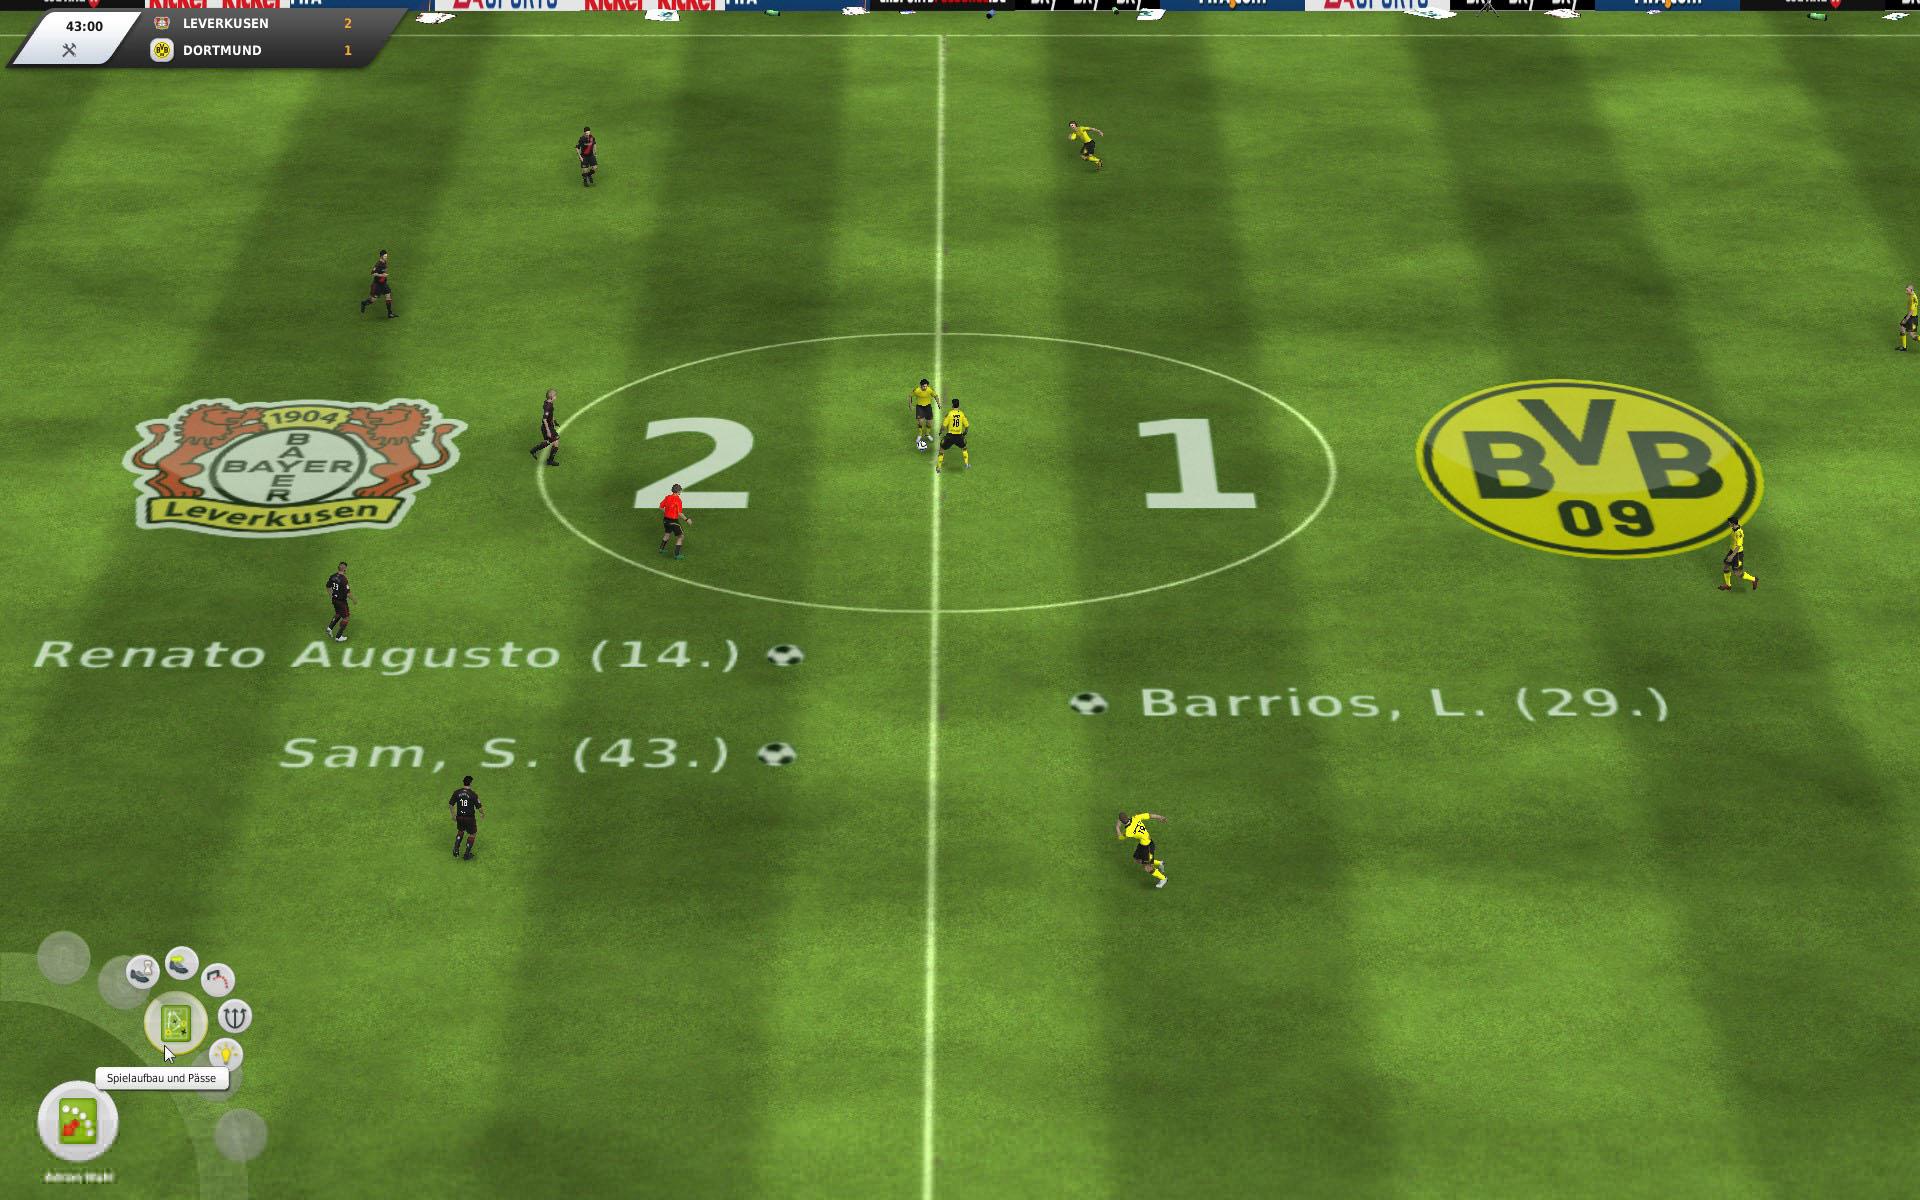 Fussball Manager 12 - Screenshot